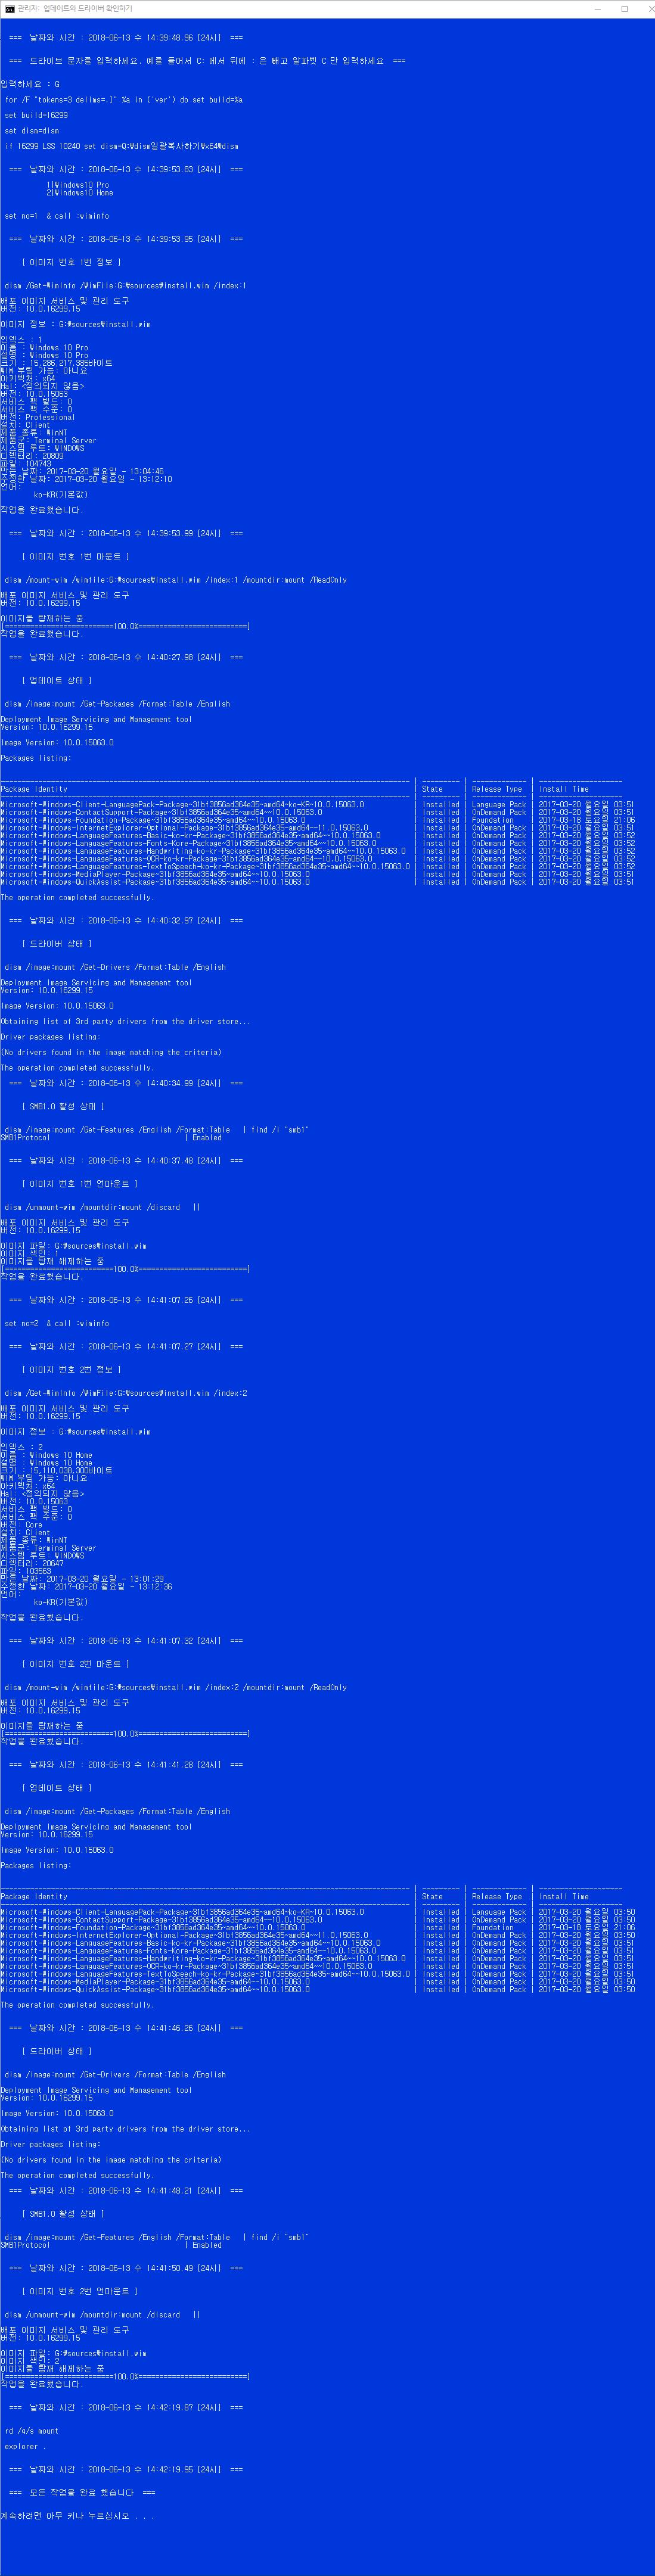 윈도10 버전1703 RS2 레드스톤2 멀티플 에디션 [리테일] - 프로와 홈 전부 smb1 활성 되어 있네요 2018-06-13_144255.png